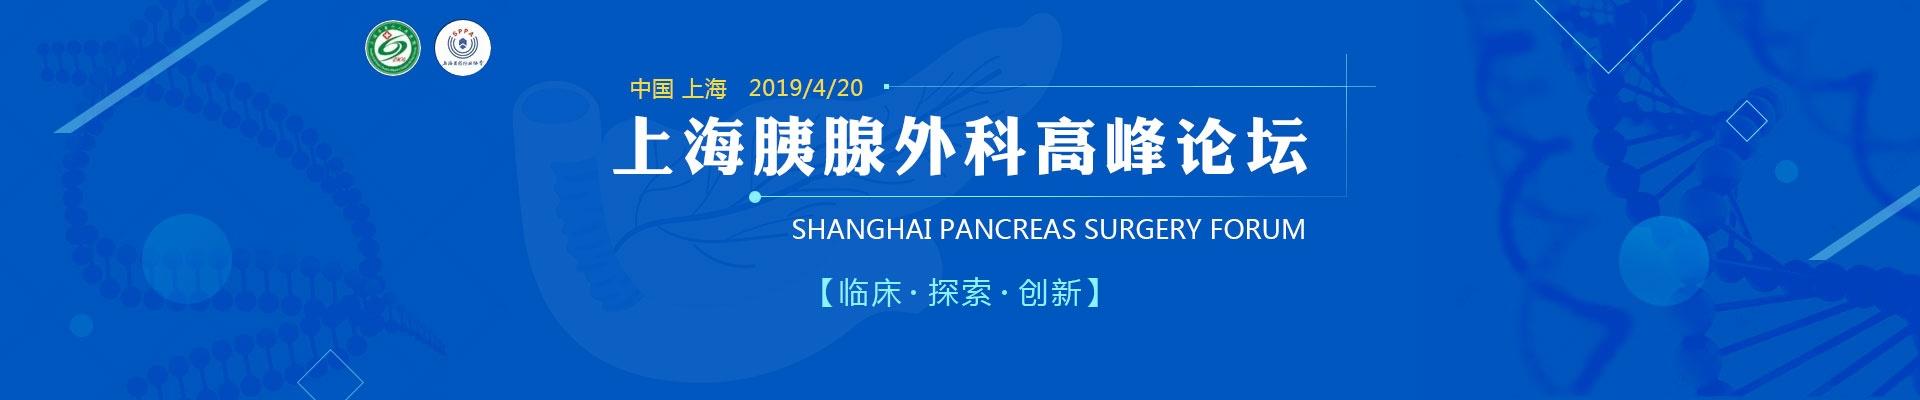 上海胰腺外科高峰论坛